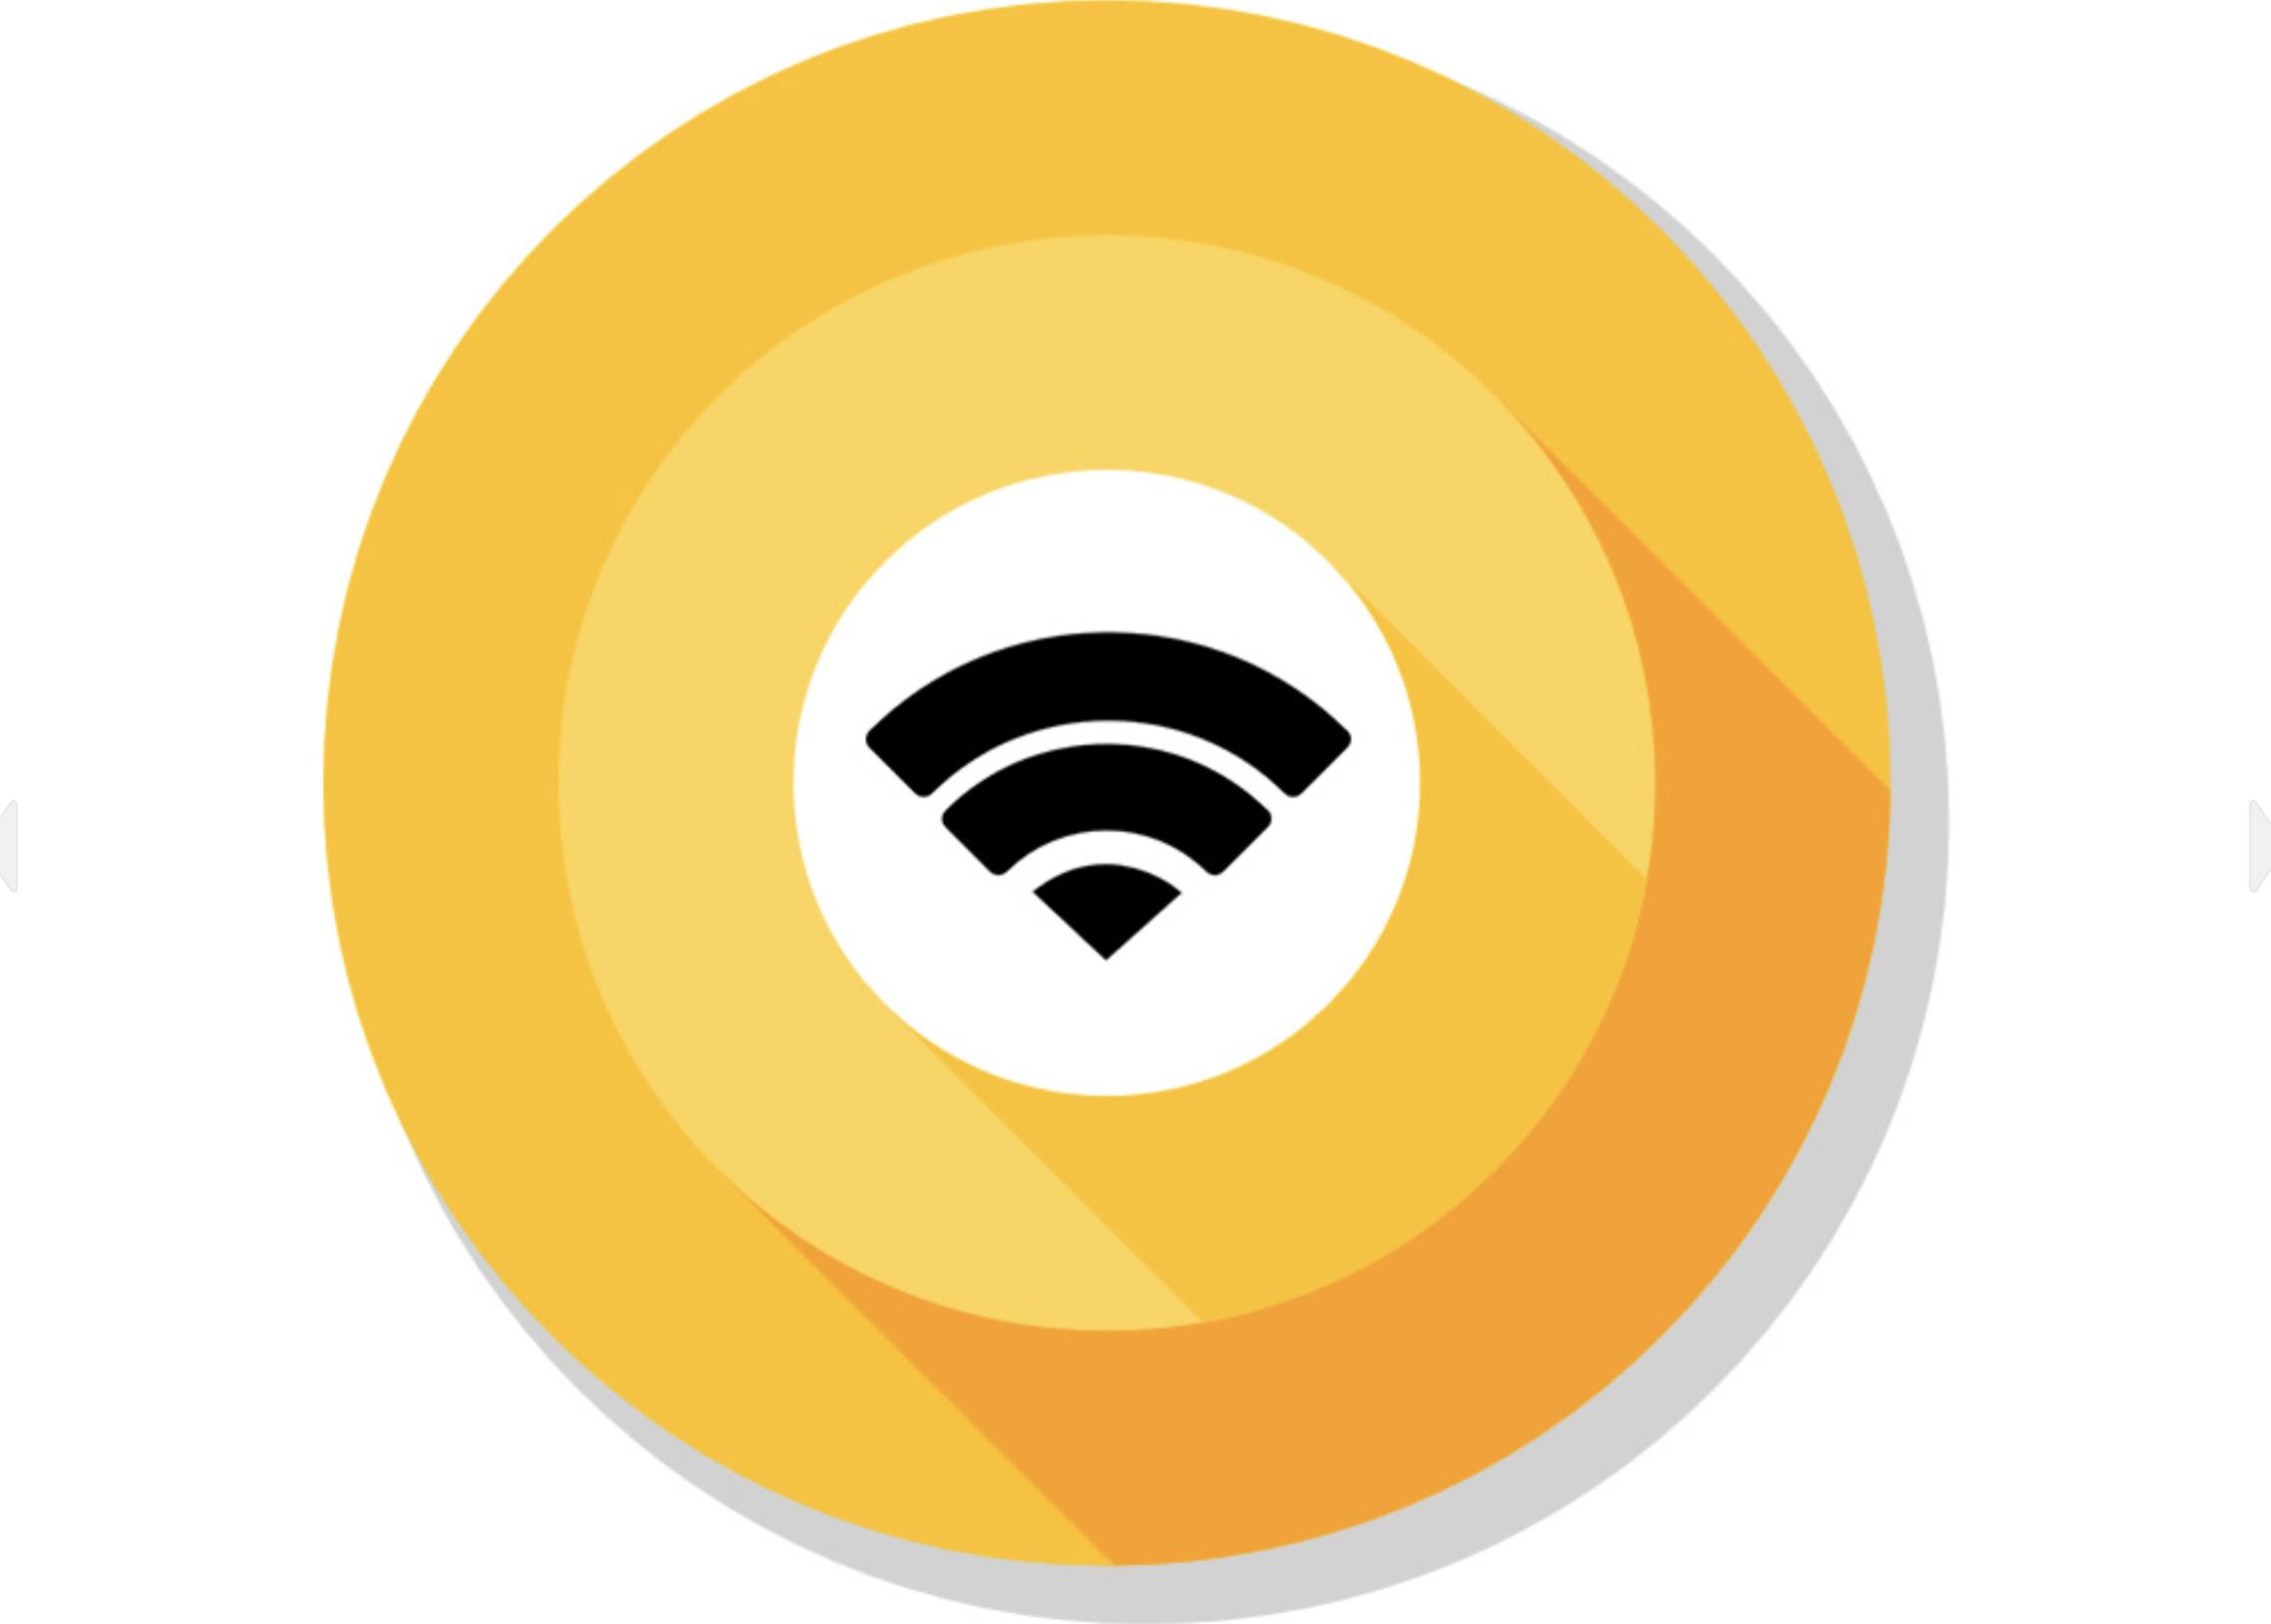 Obrazek przedstawia logo Wi-Fi.